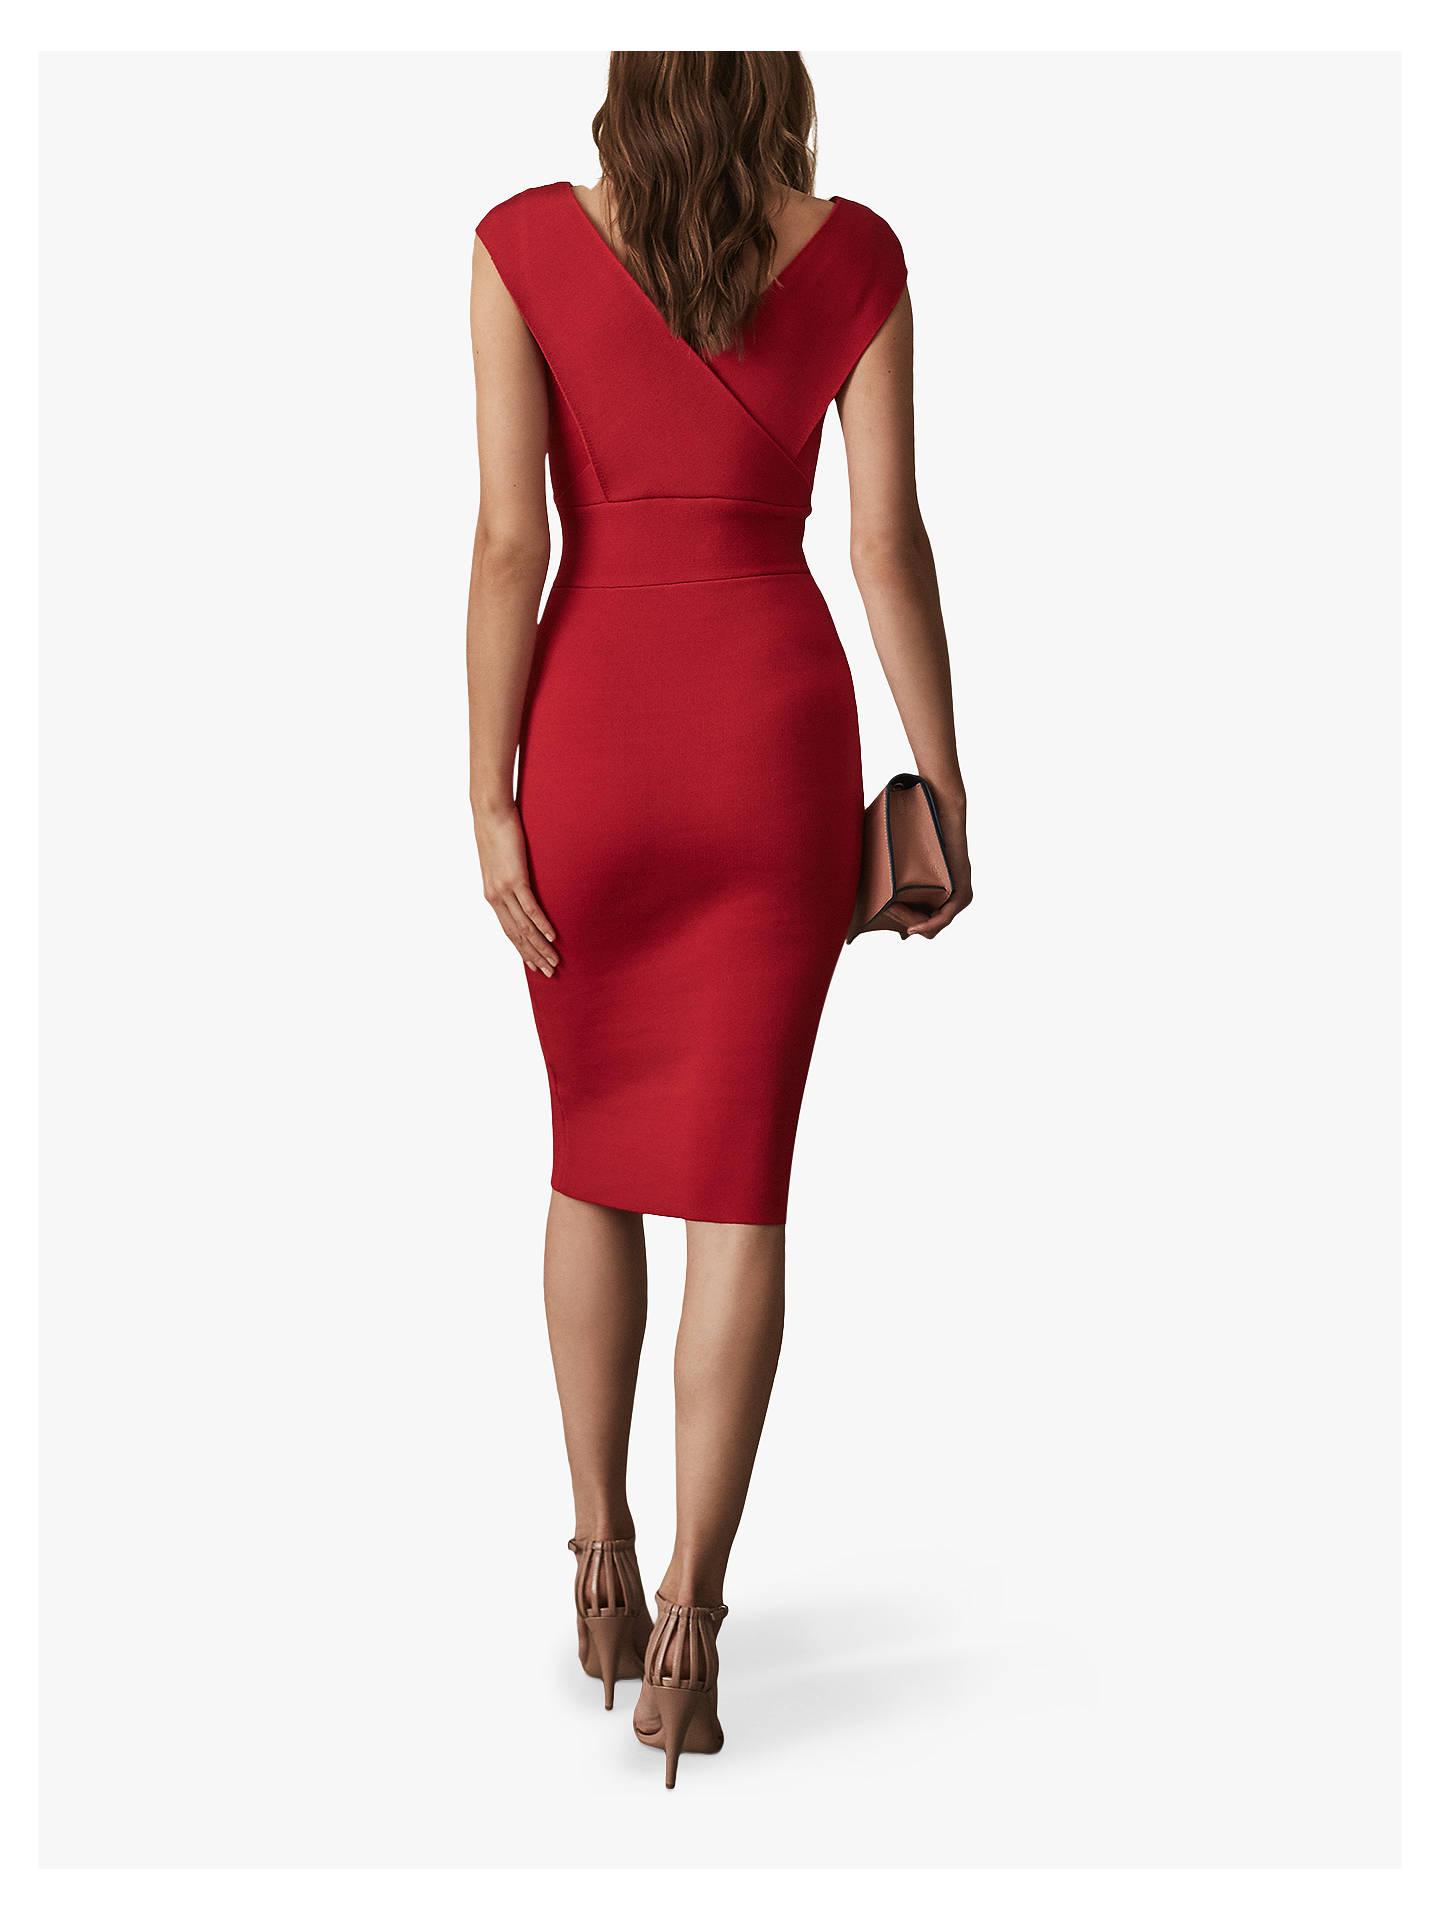 af3ead1370 ... Buy Reiss Salvia Cap Sleeve Dress